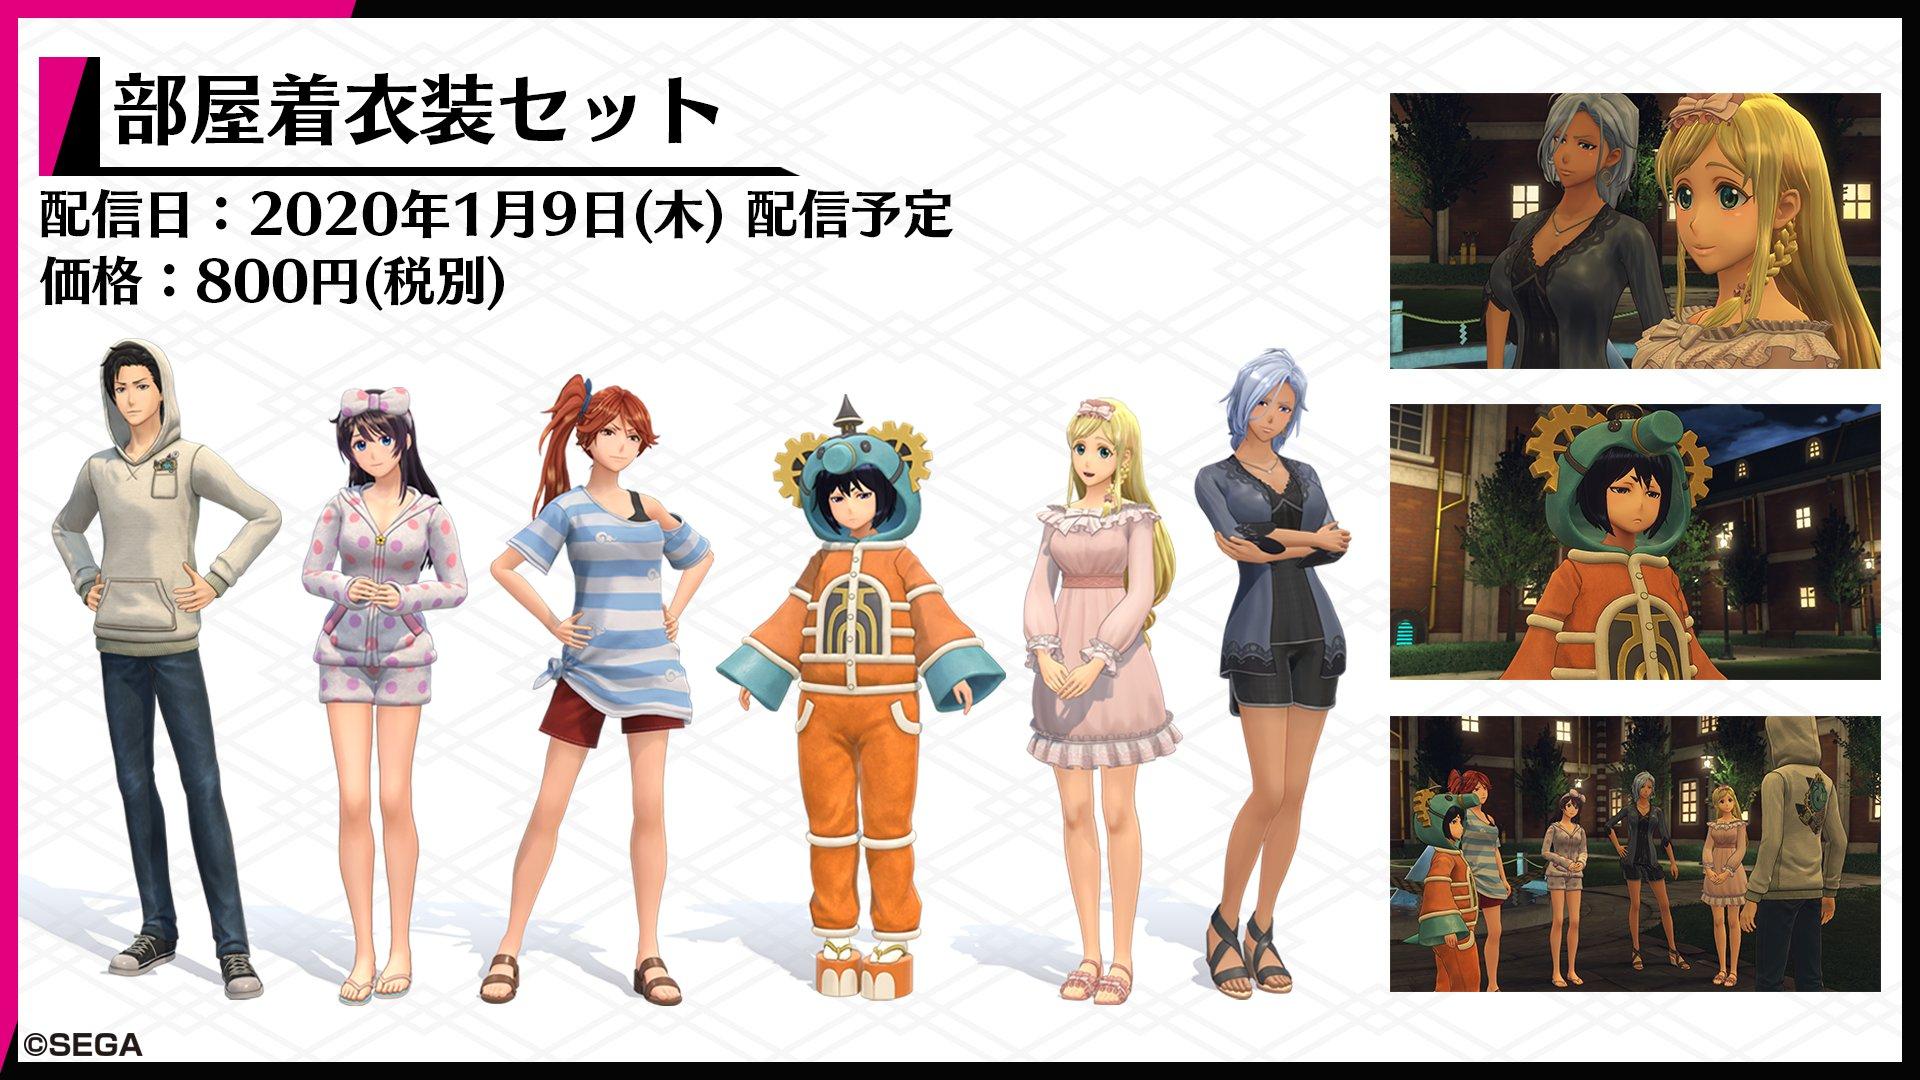 Project-Sakura-Wars-DLC-DualShockers-4.jpg